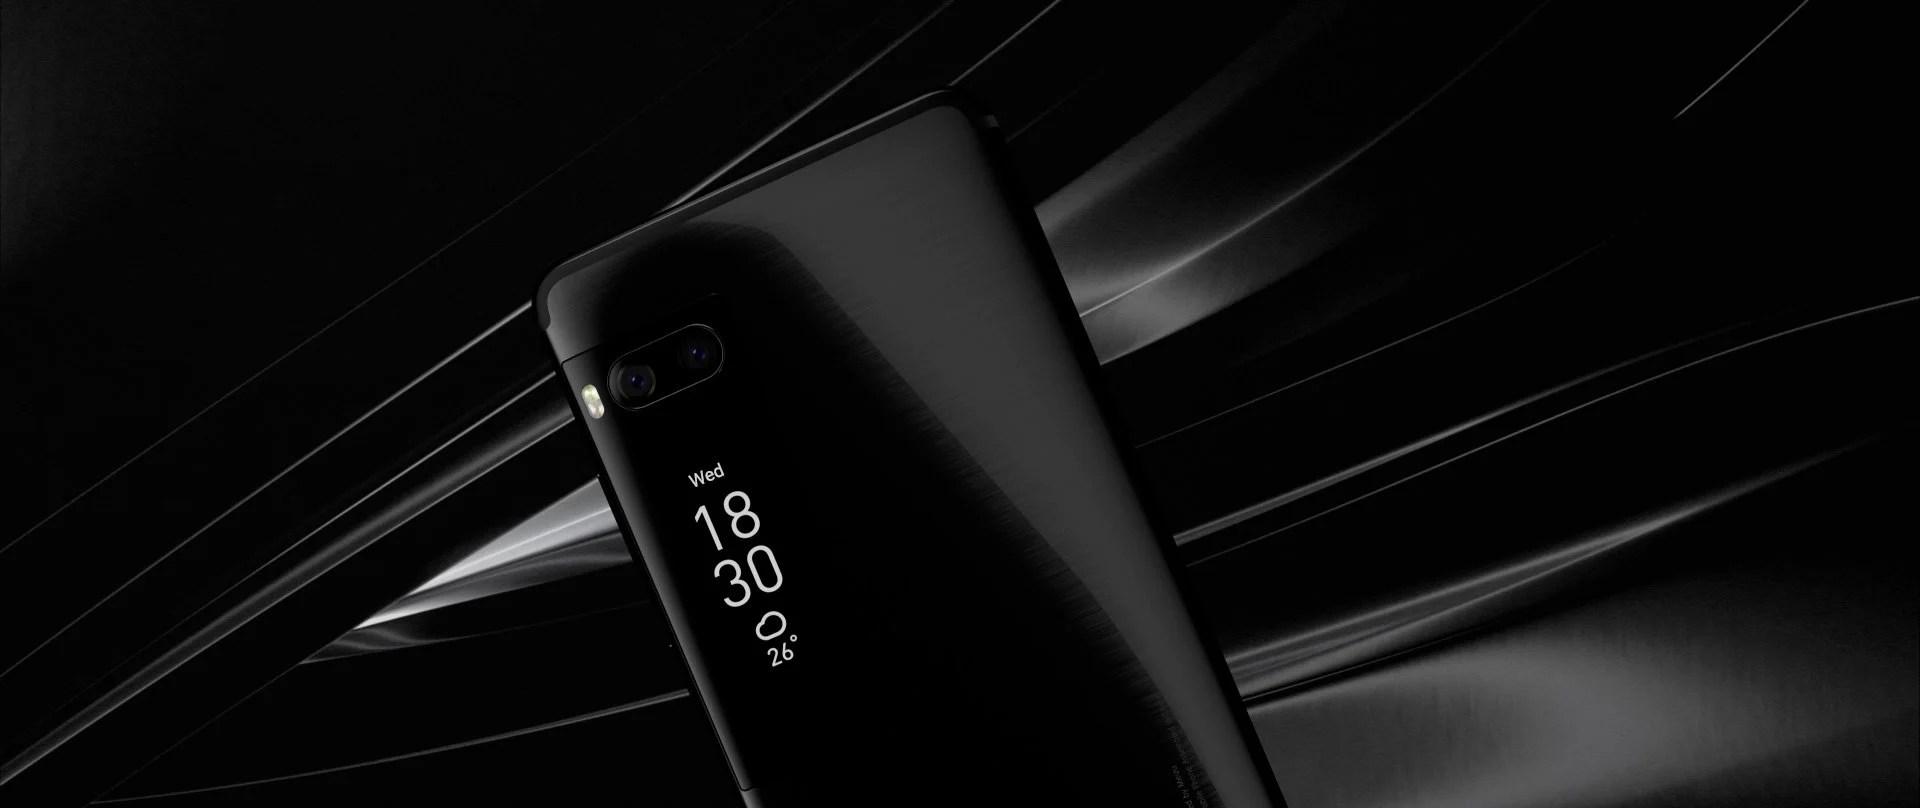 Meizu : après le scanner d'empreinte, le capteur photo sous écran pourrait devenir réalité